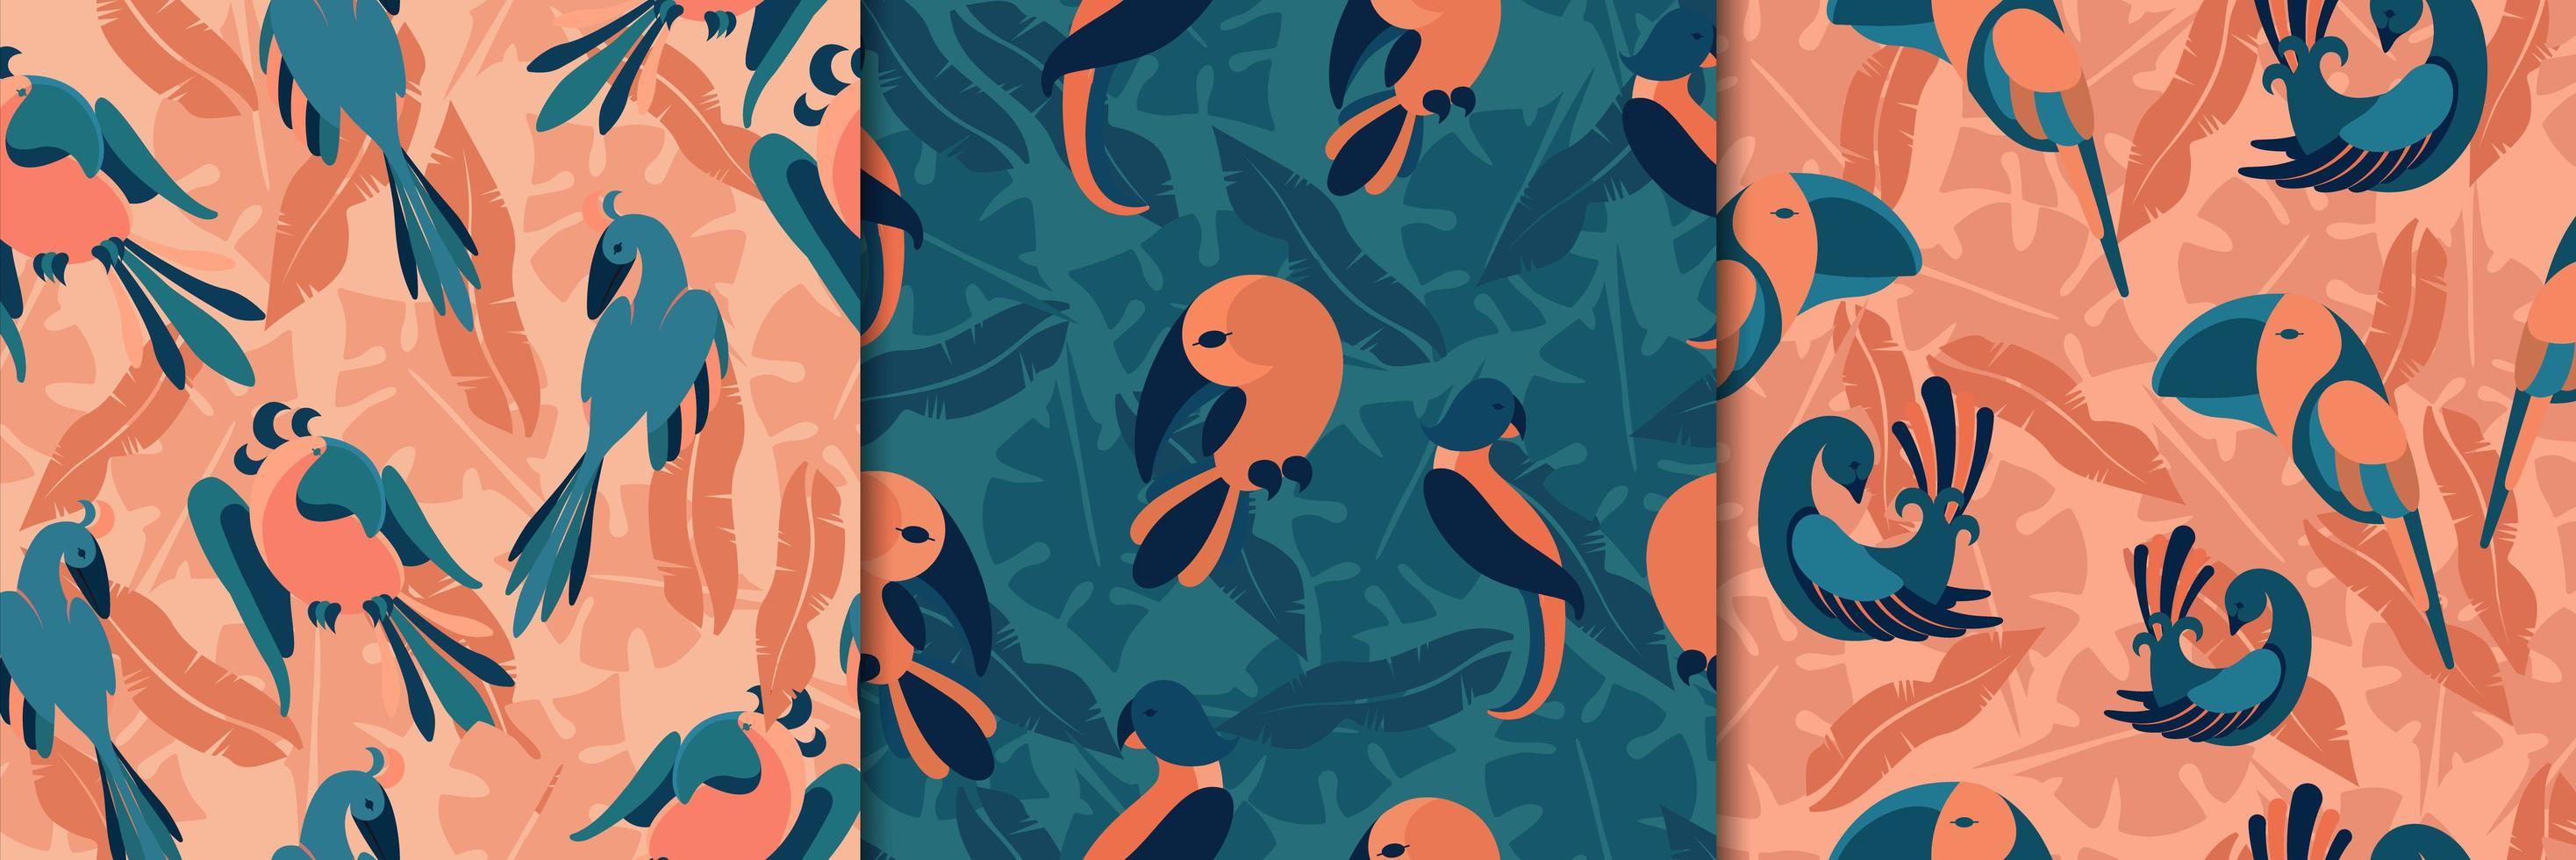 fåglar i sömlösa mönster i djungeln vektor